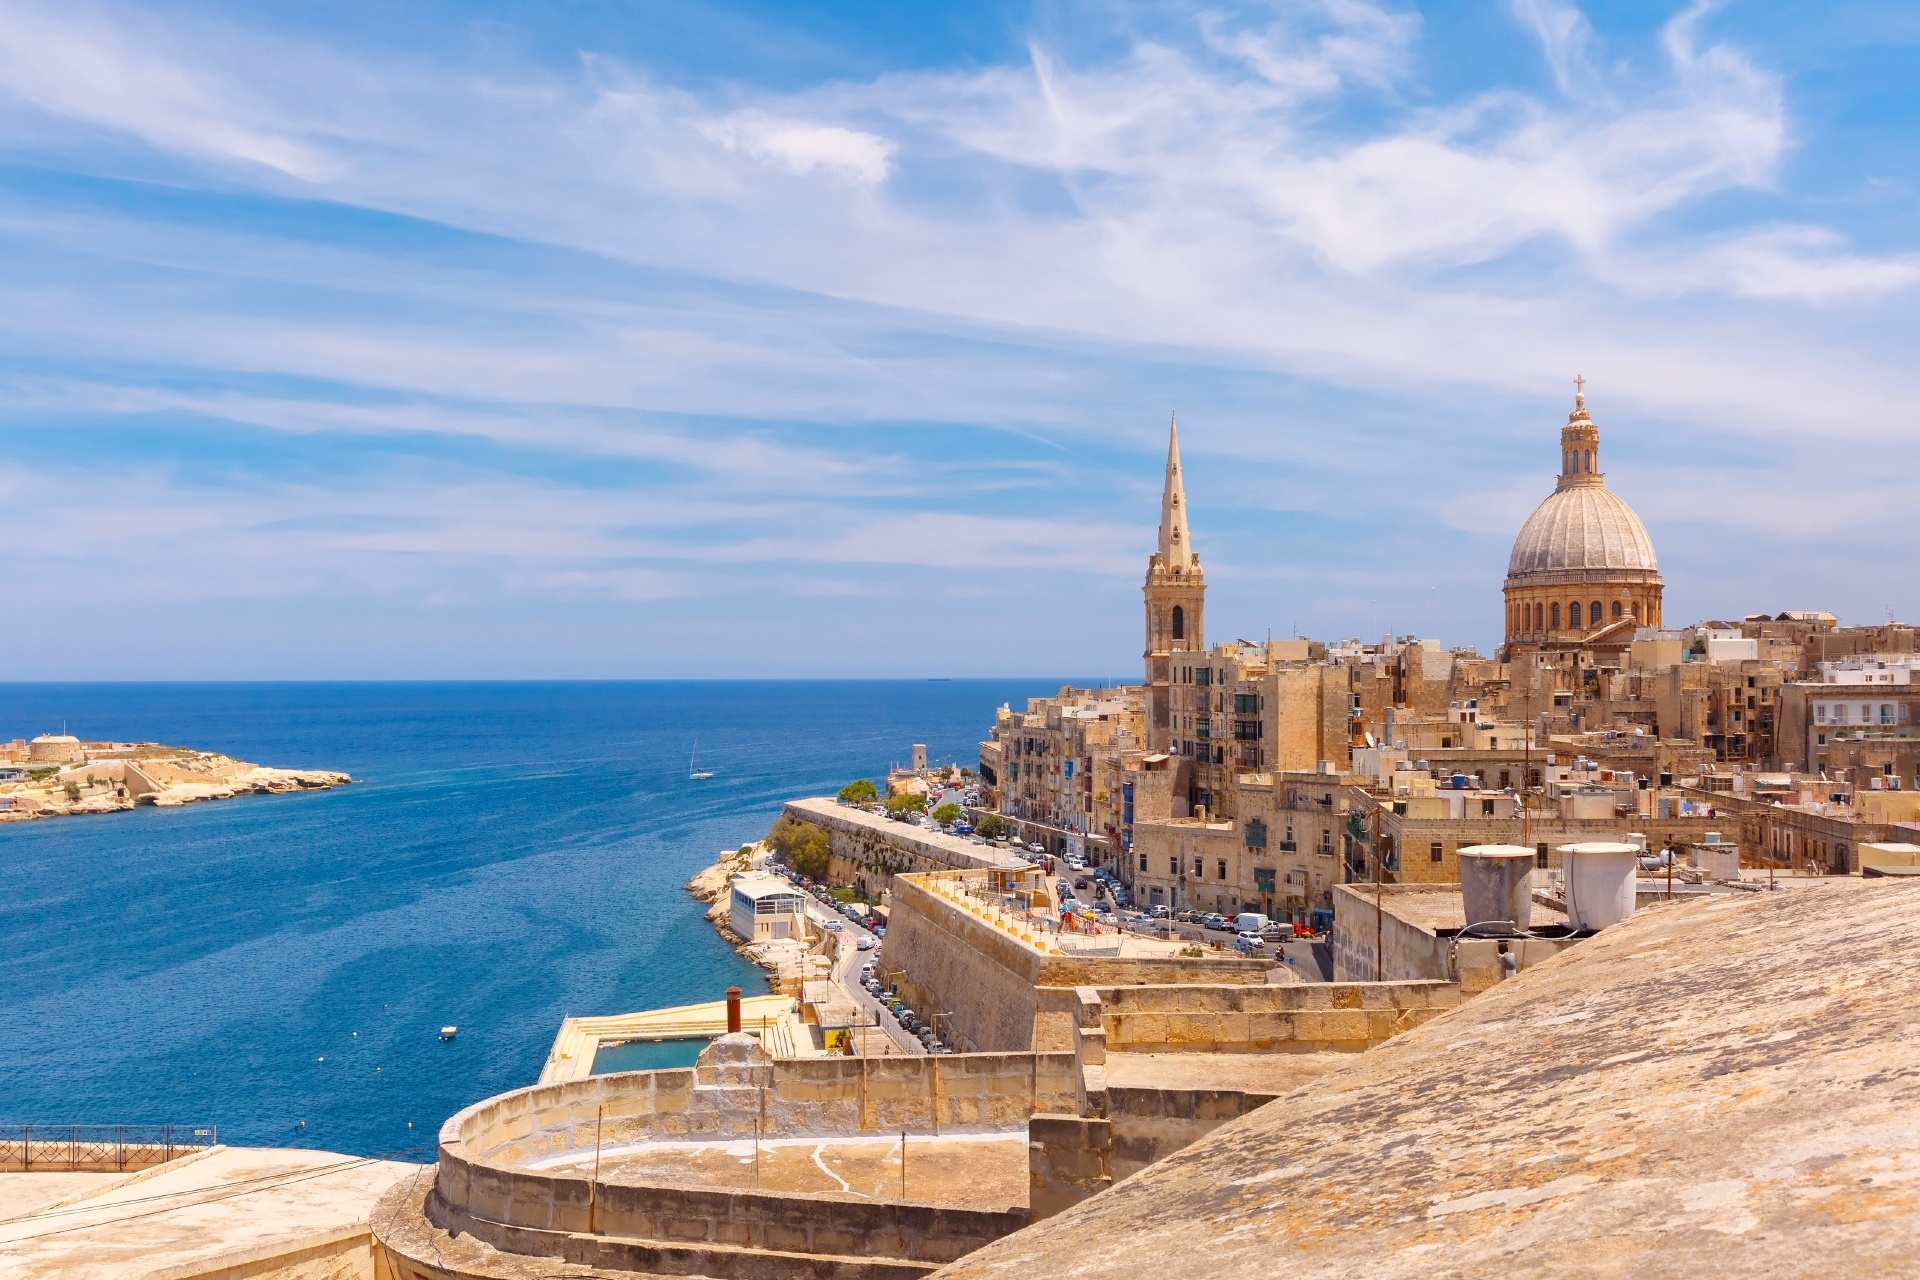 バレッタの風景 マルタの風景